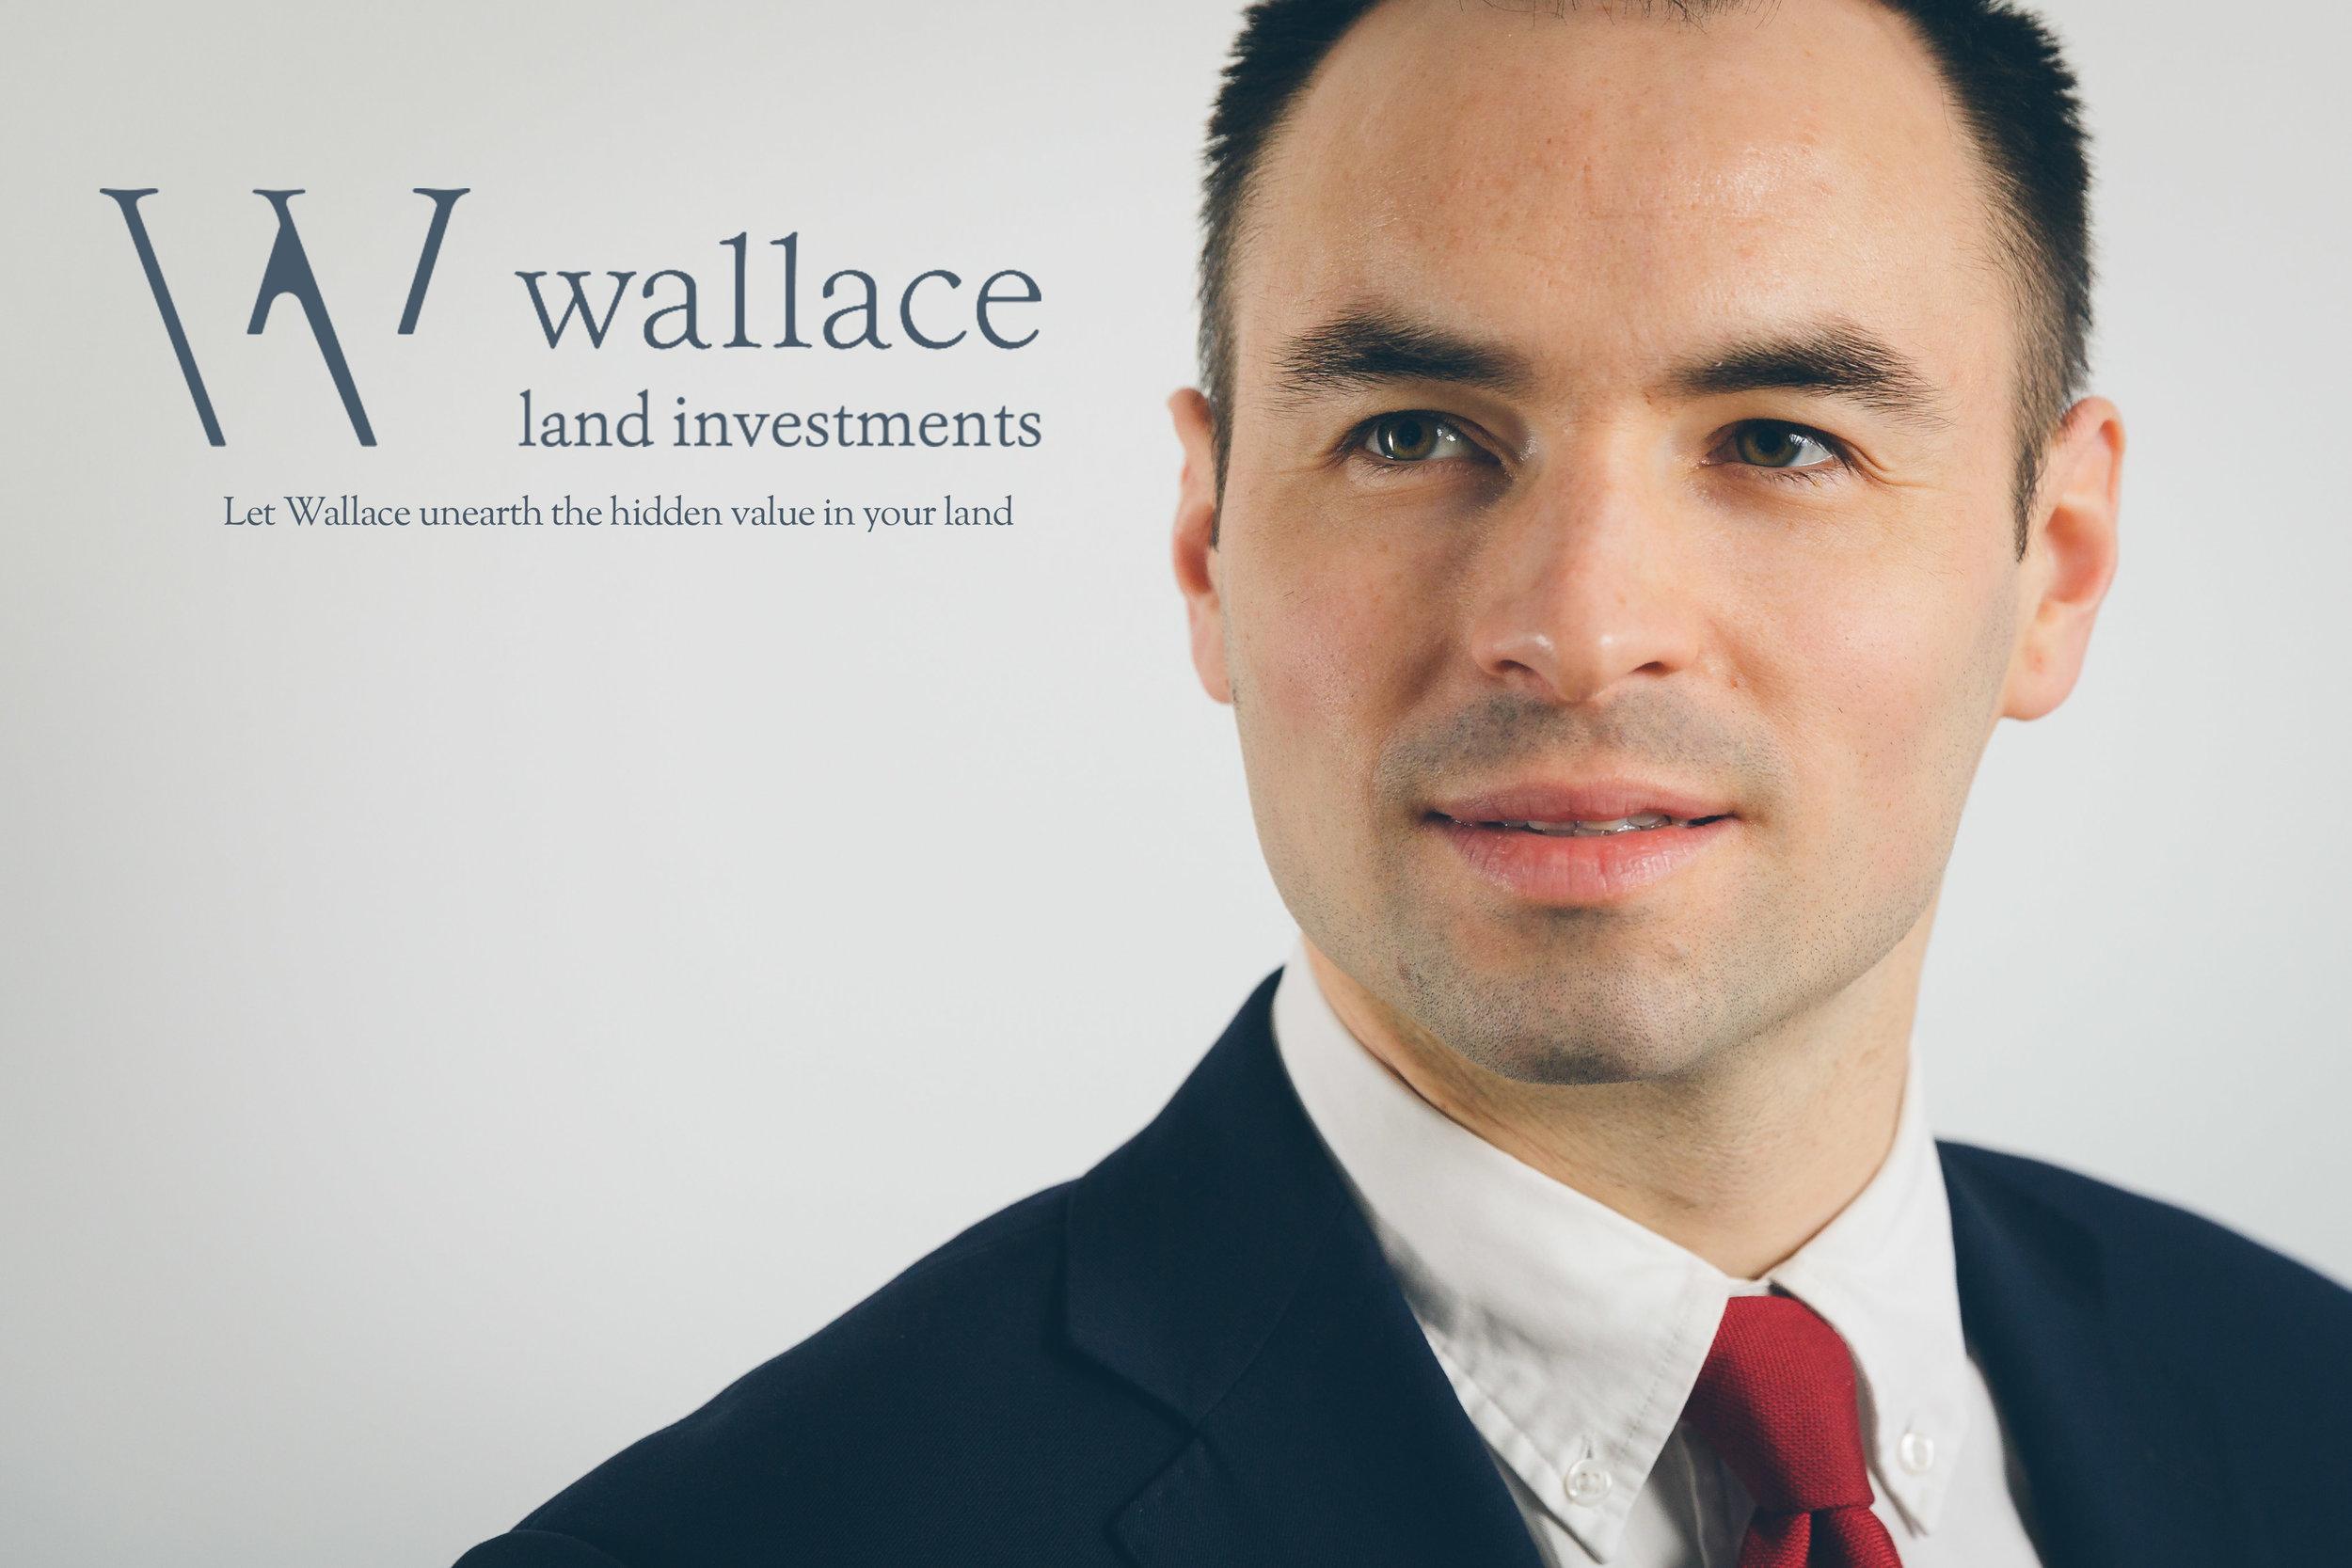 WallaceLandMockups-3.jpg